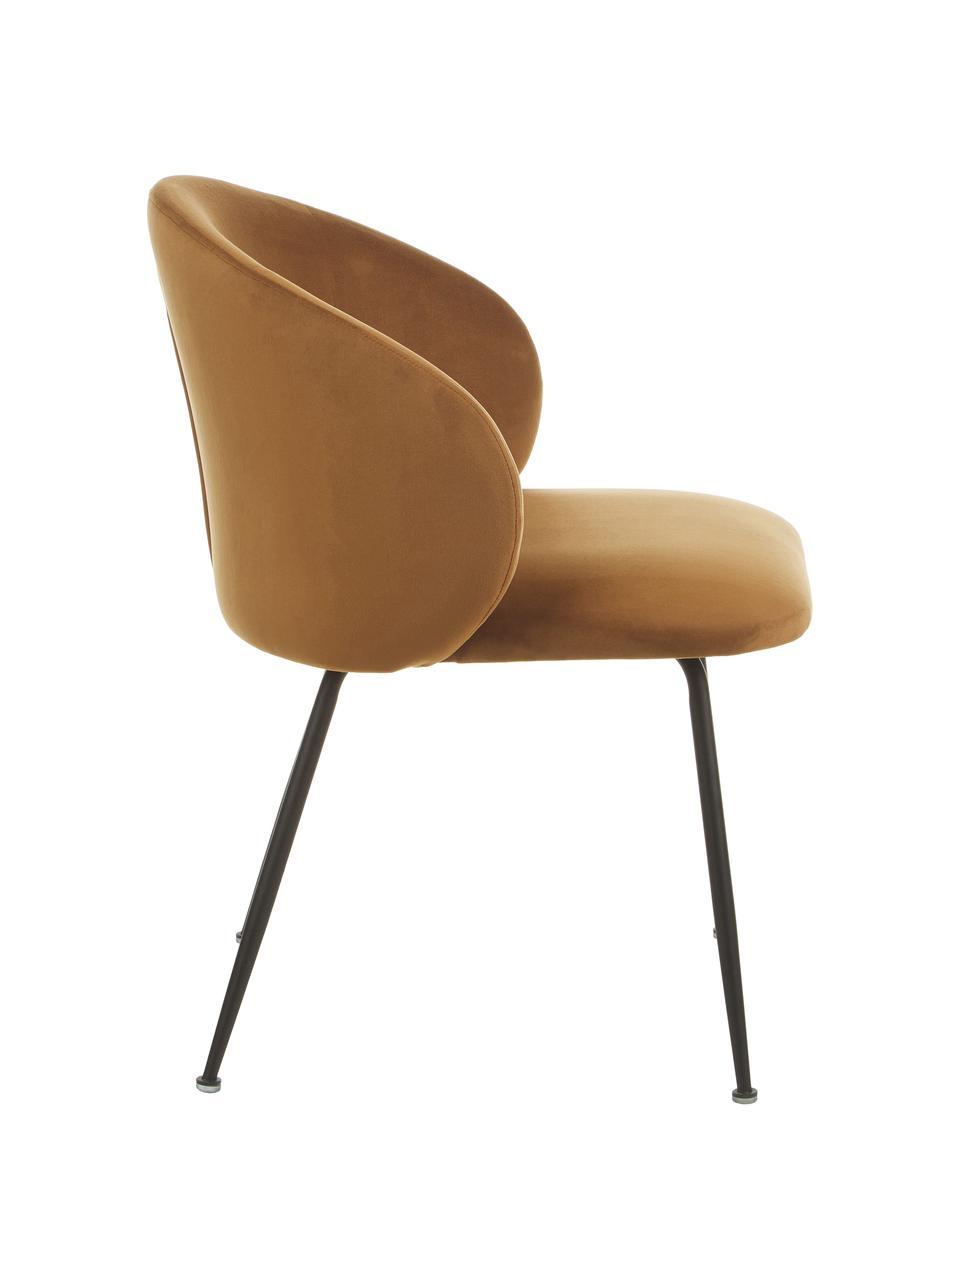 Krzesło tapicerowane z aksamitu Luisa, 2 szt., Nogi: metal malowany proszkowo, Aksamitny brązowy, czarny, S 59 x G 58 cm